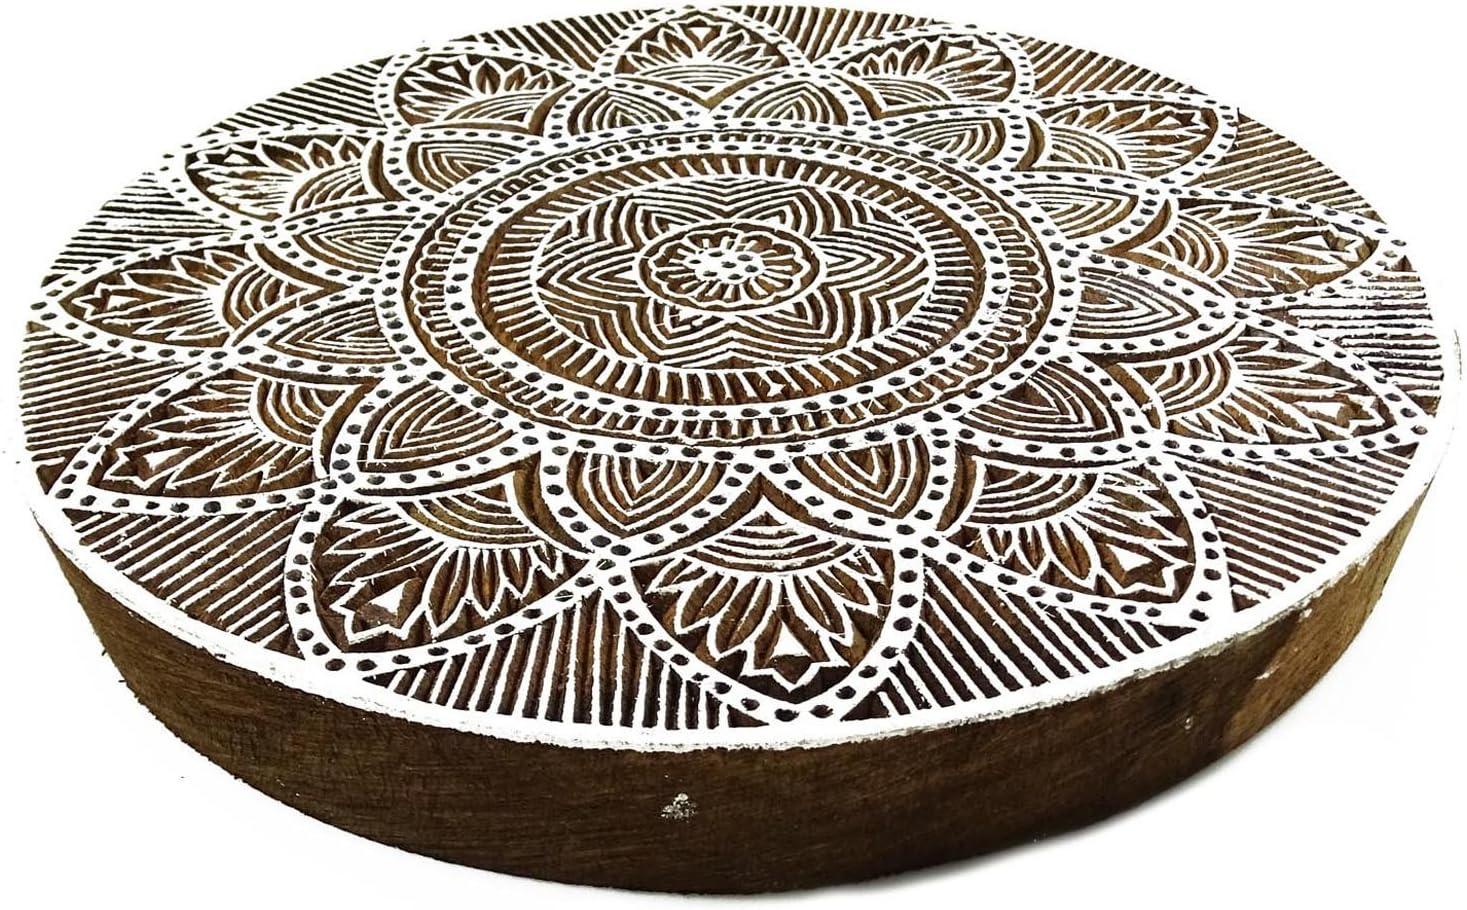 Holzdrucktype Floral Round Hand geschnitzte Textile Kunst-Drucker-Stempel Pb